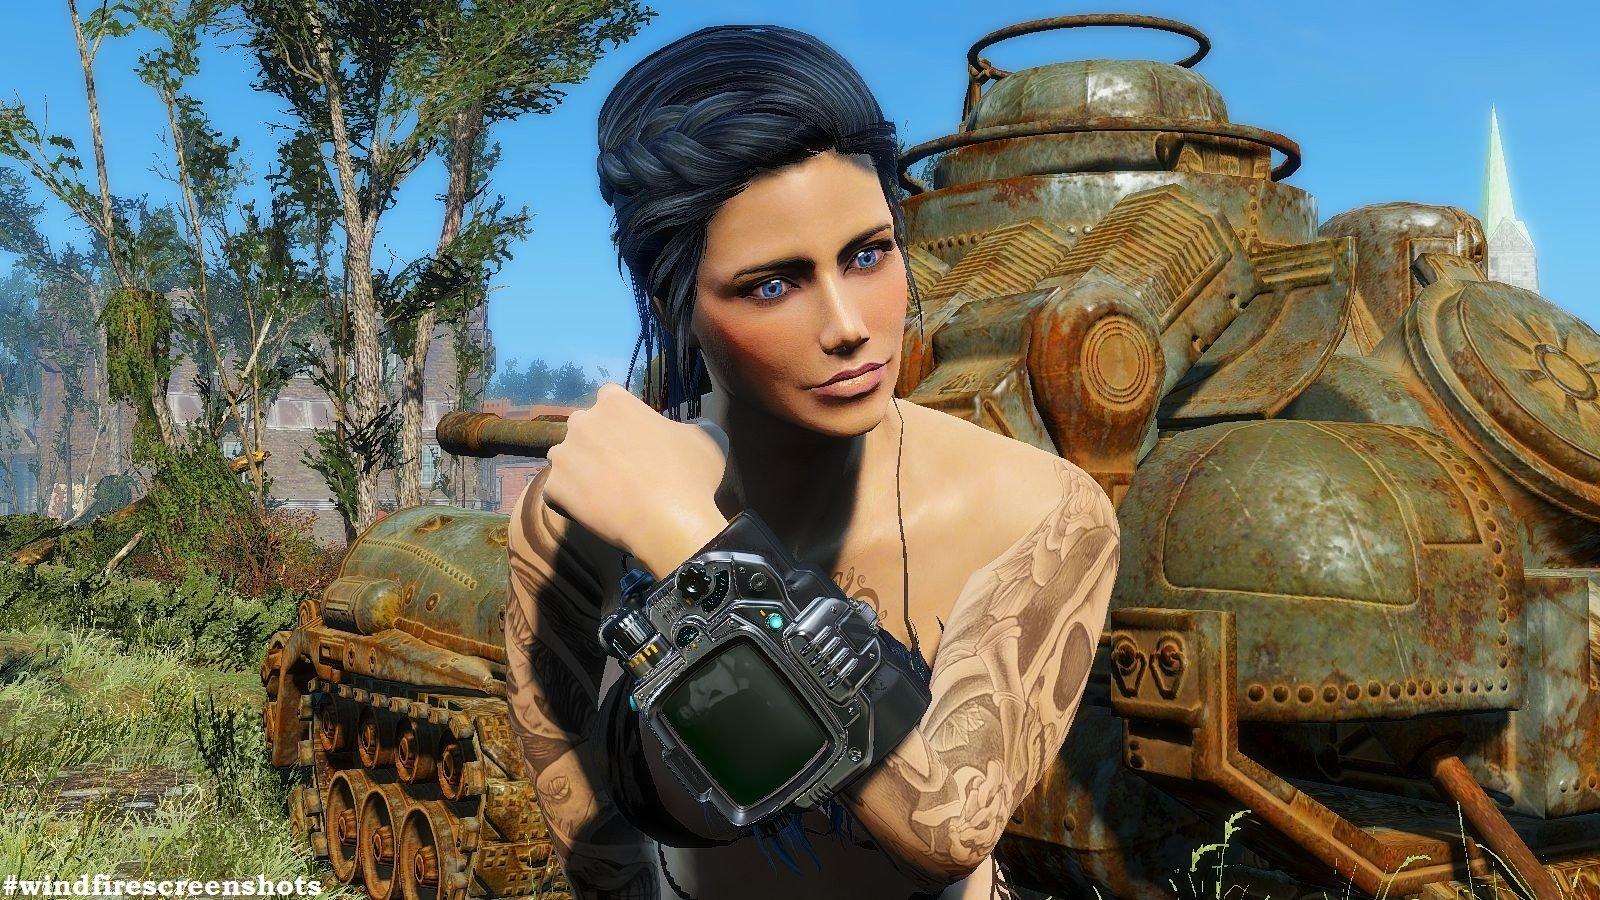 Алиса возле бронетехники. FALLOUT-4 (Сборка 6.2)